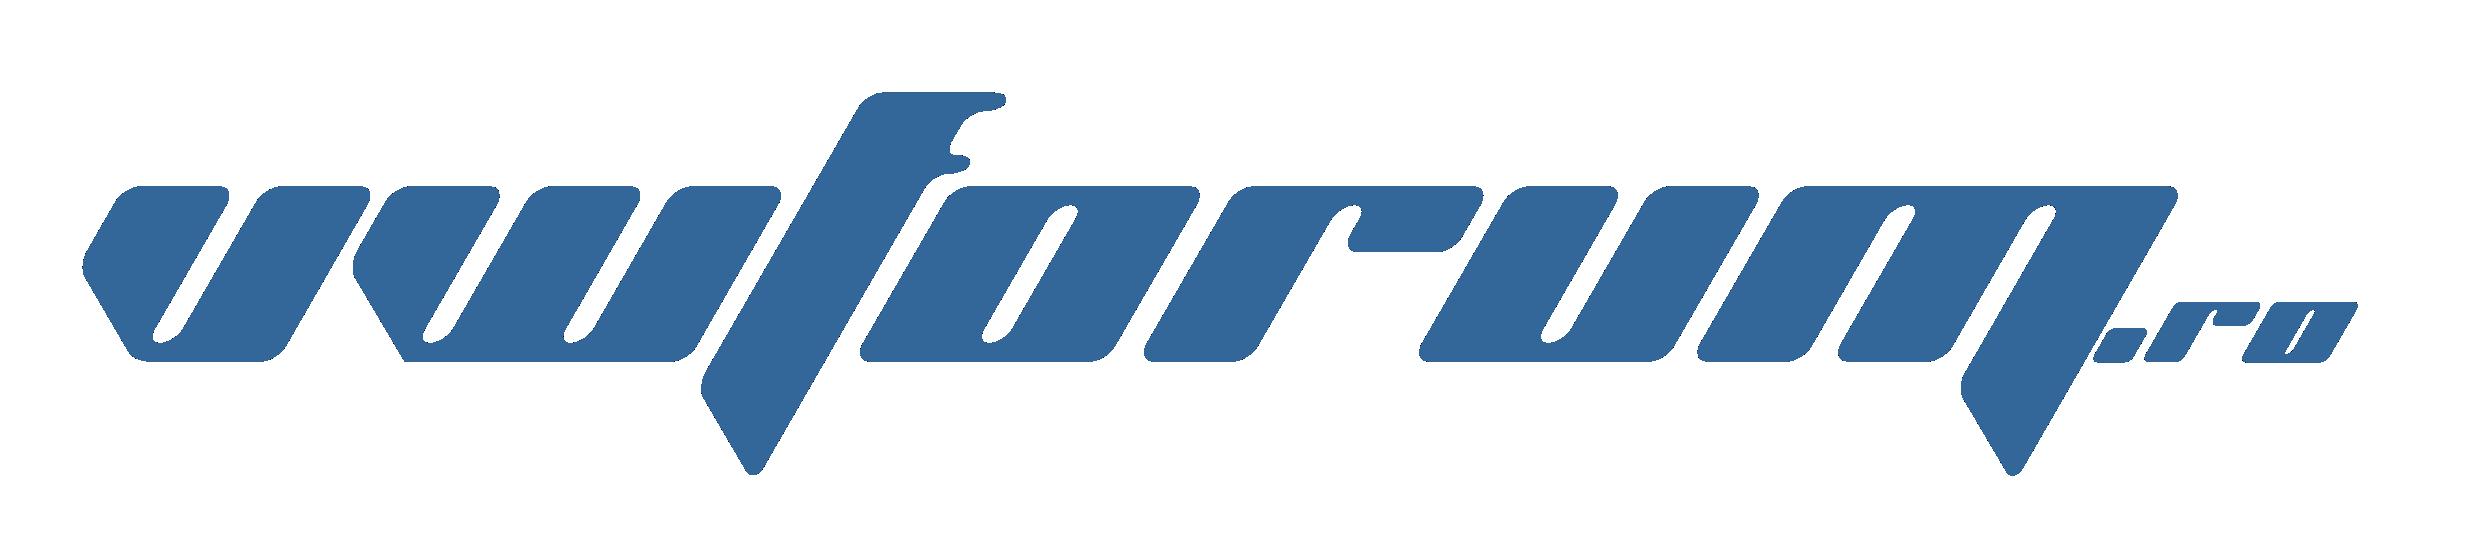 vwForum.ro